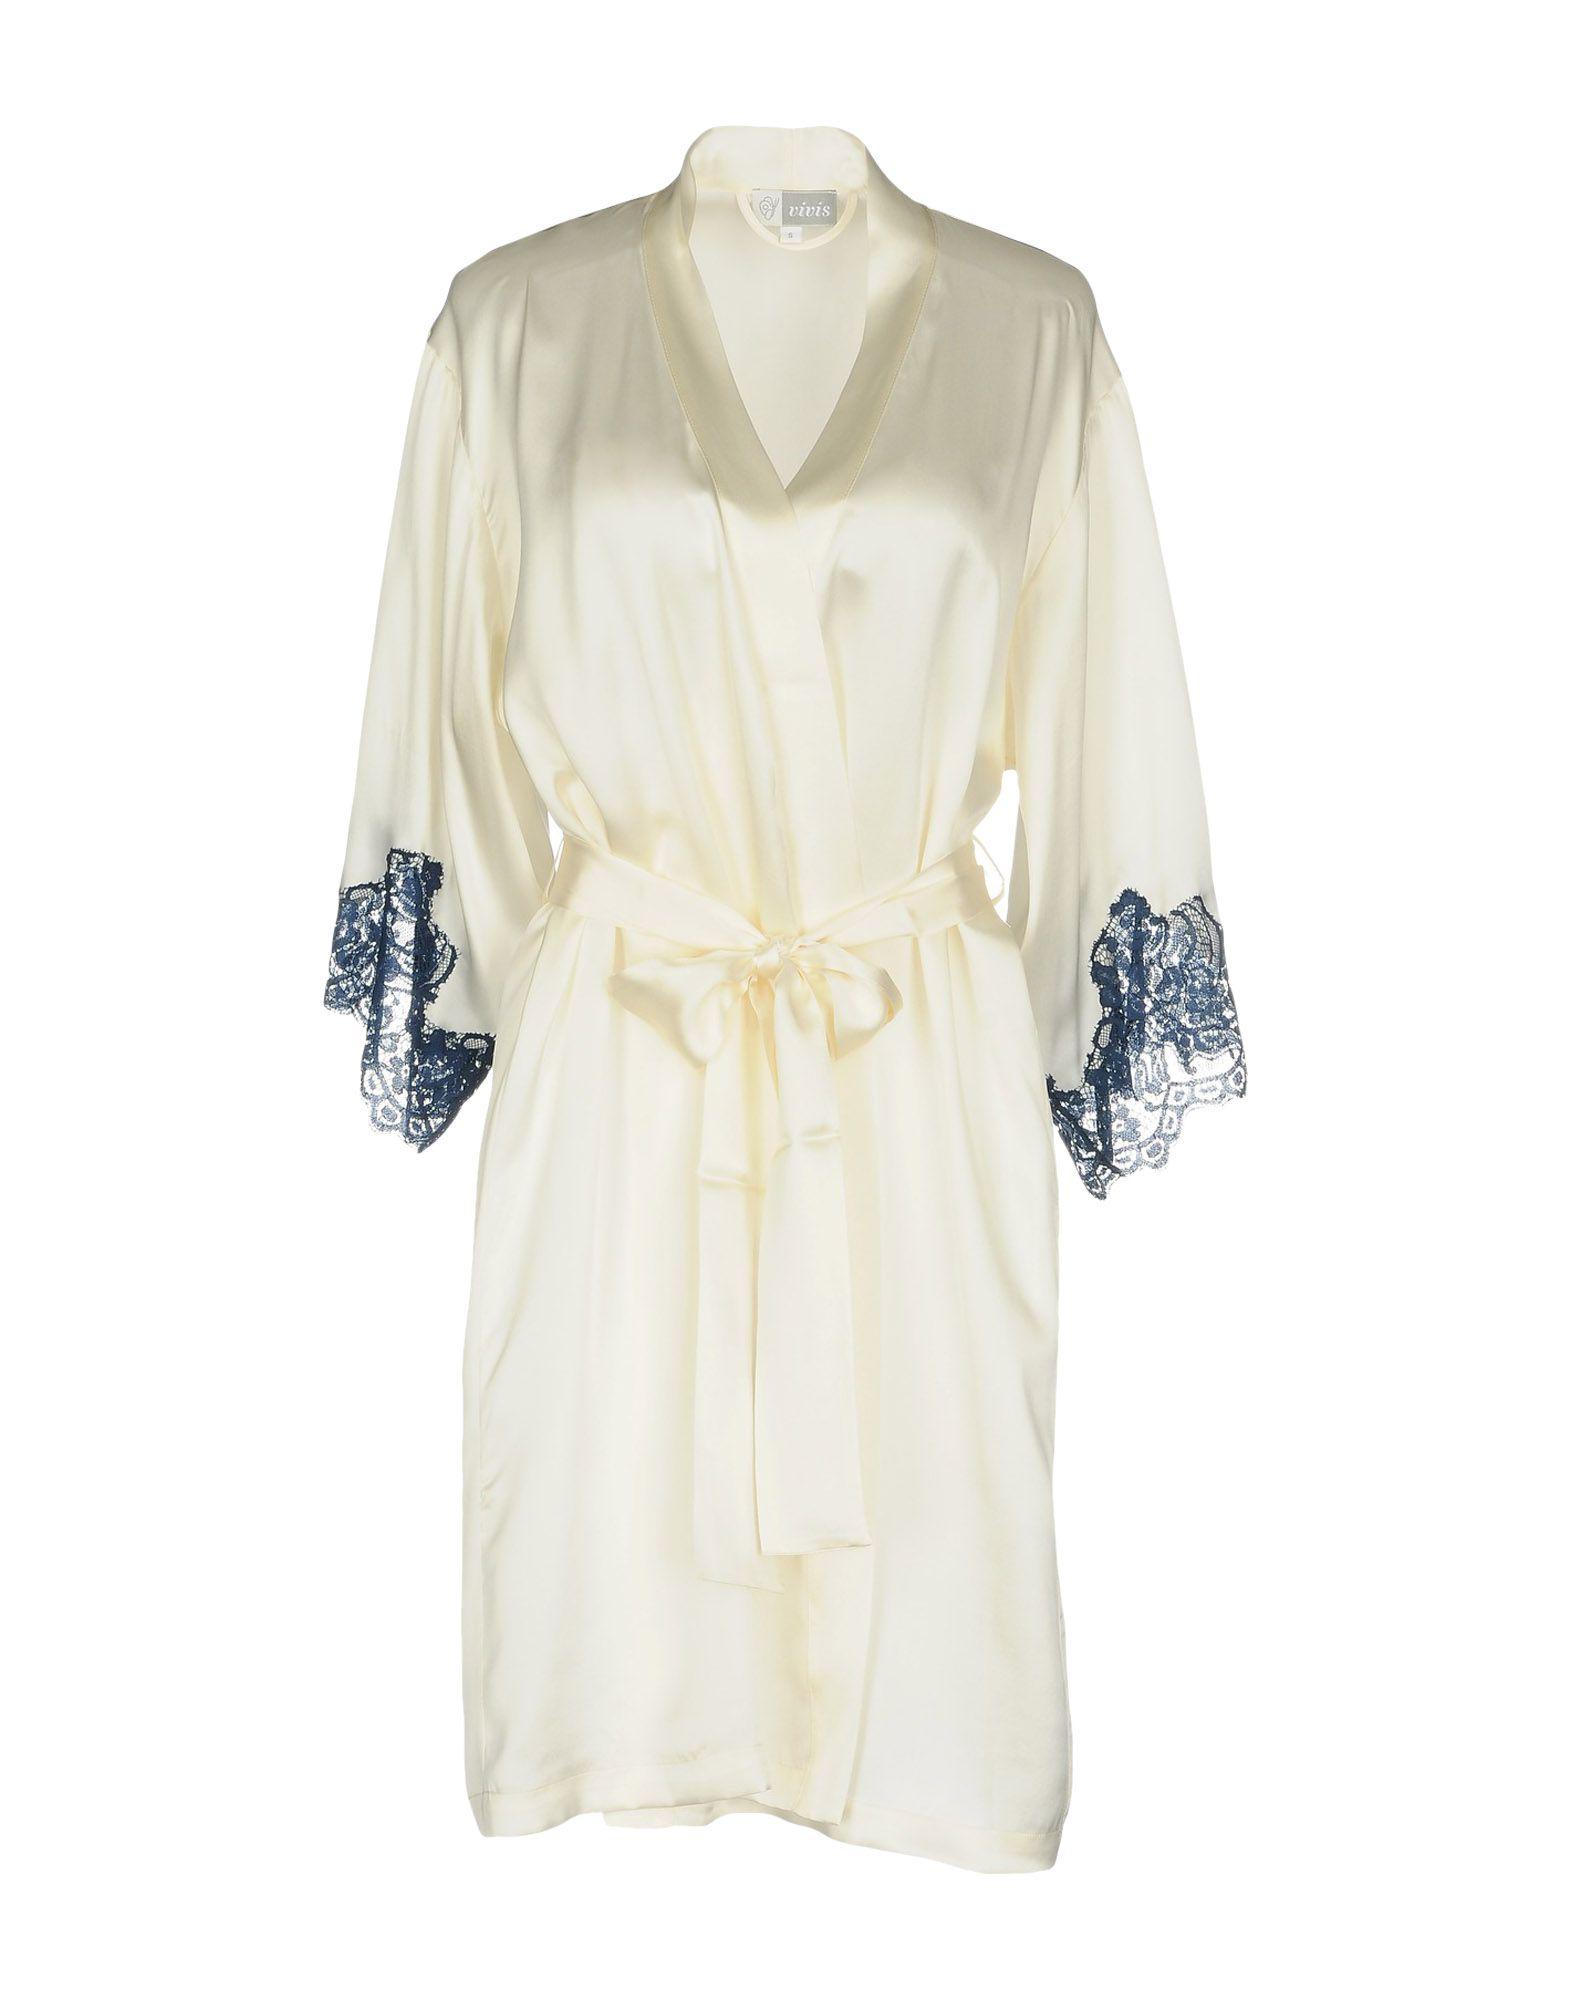 VIVIS Халат купить шелковый халат мужской спб